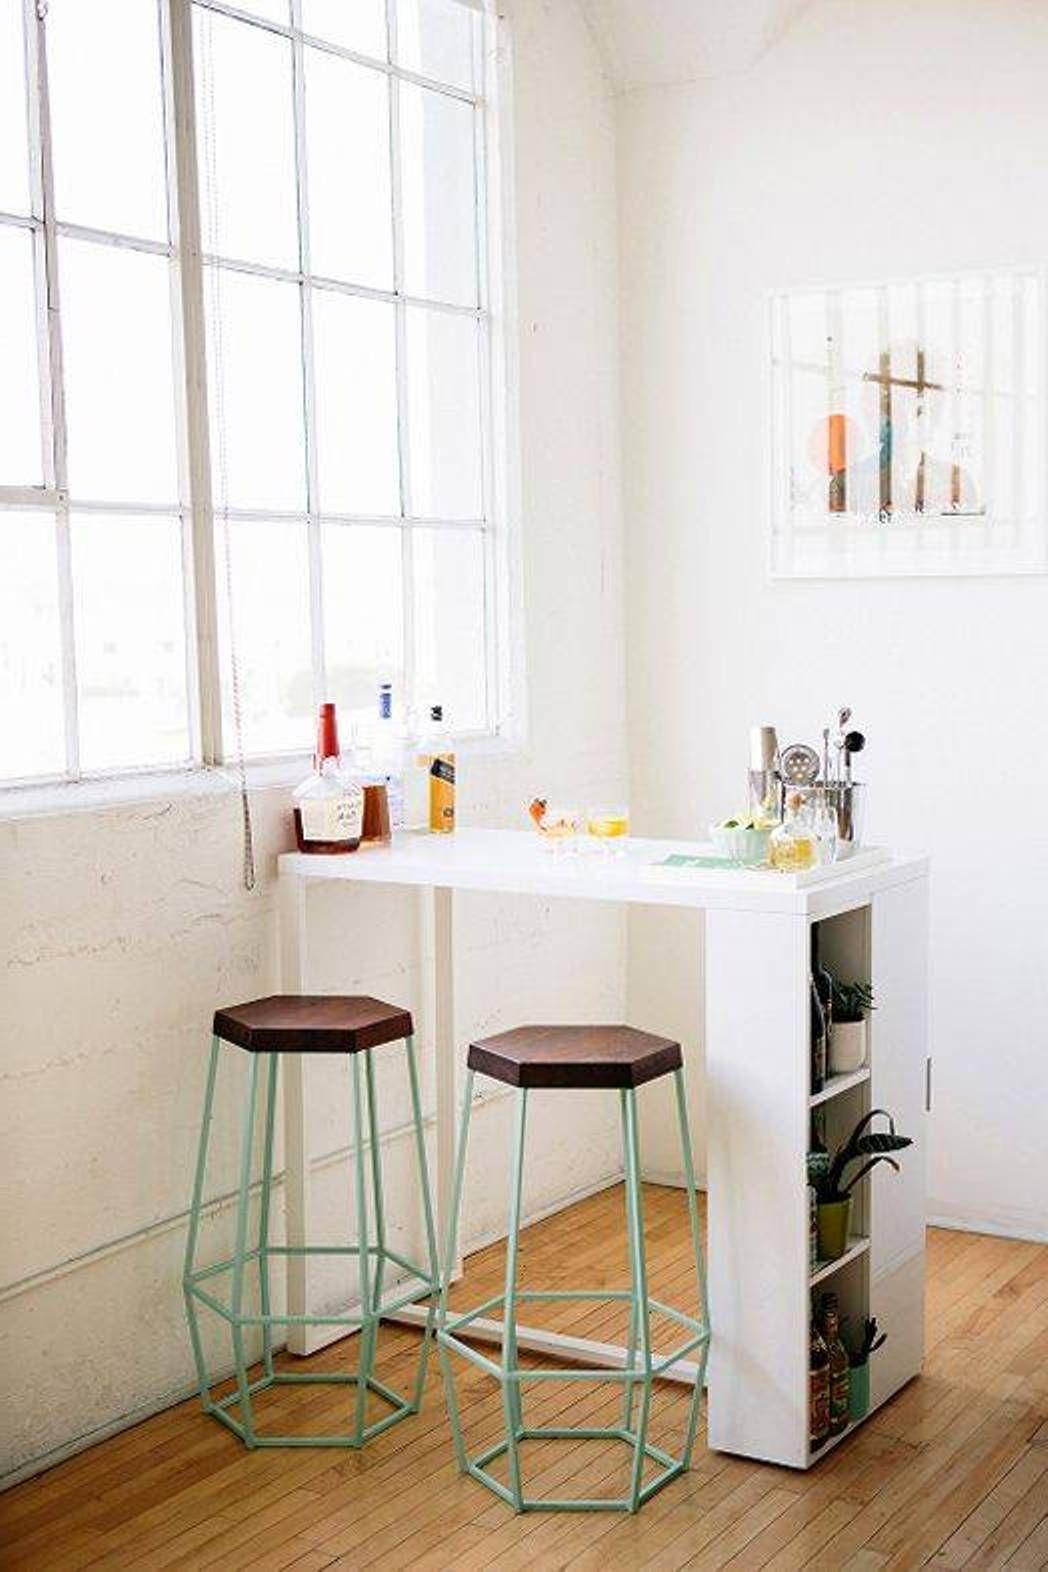 Small Kitchen Bar Table With Storage Kleine Keuken Bar Keuken Keuken Bar